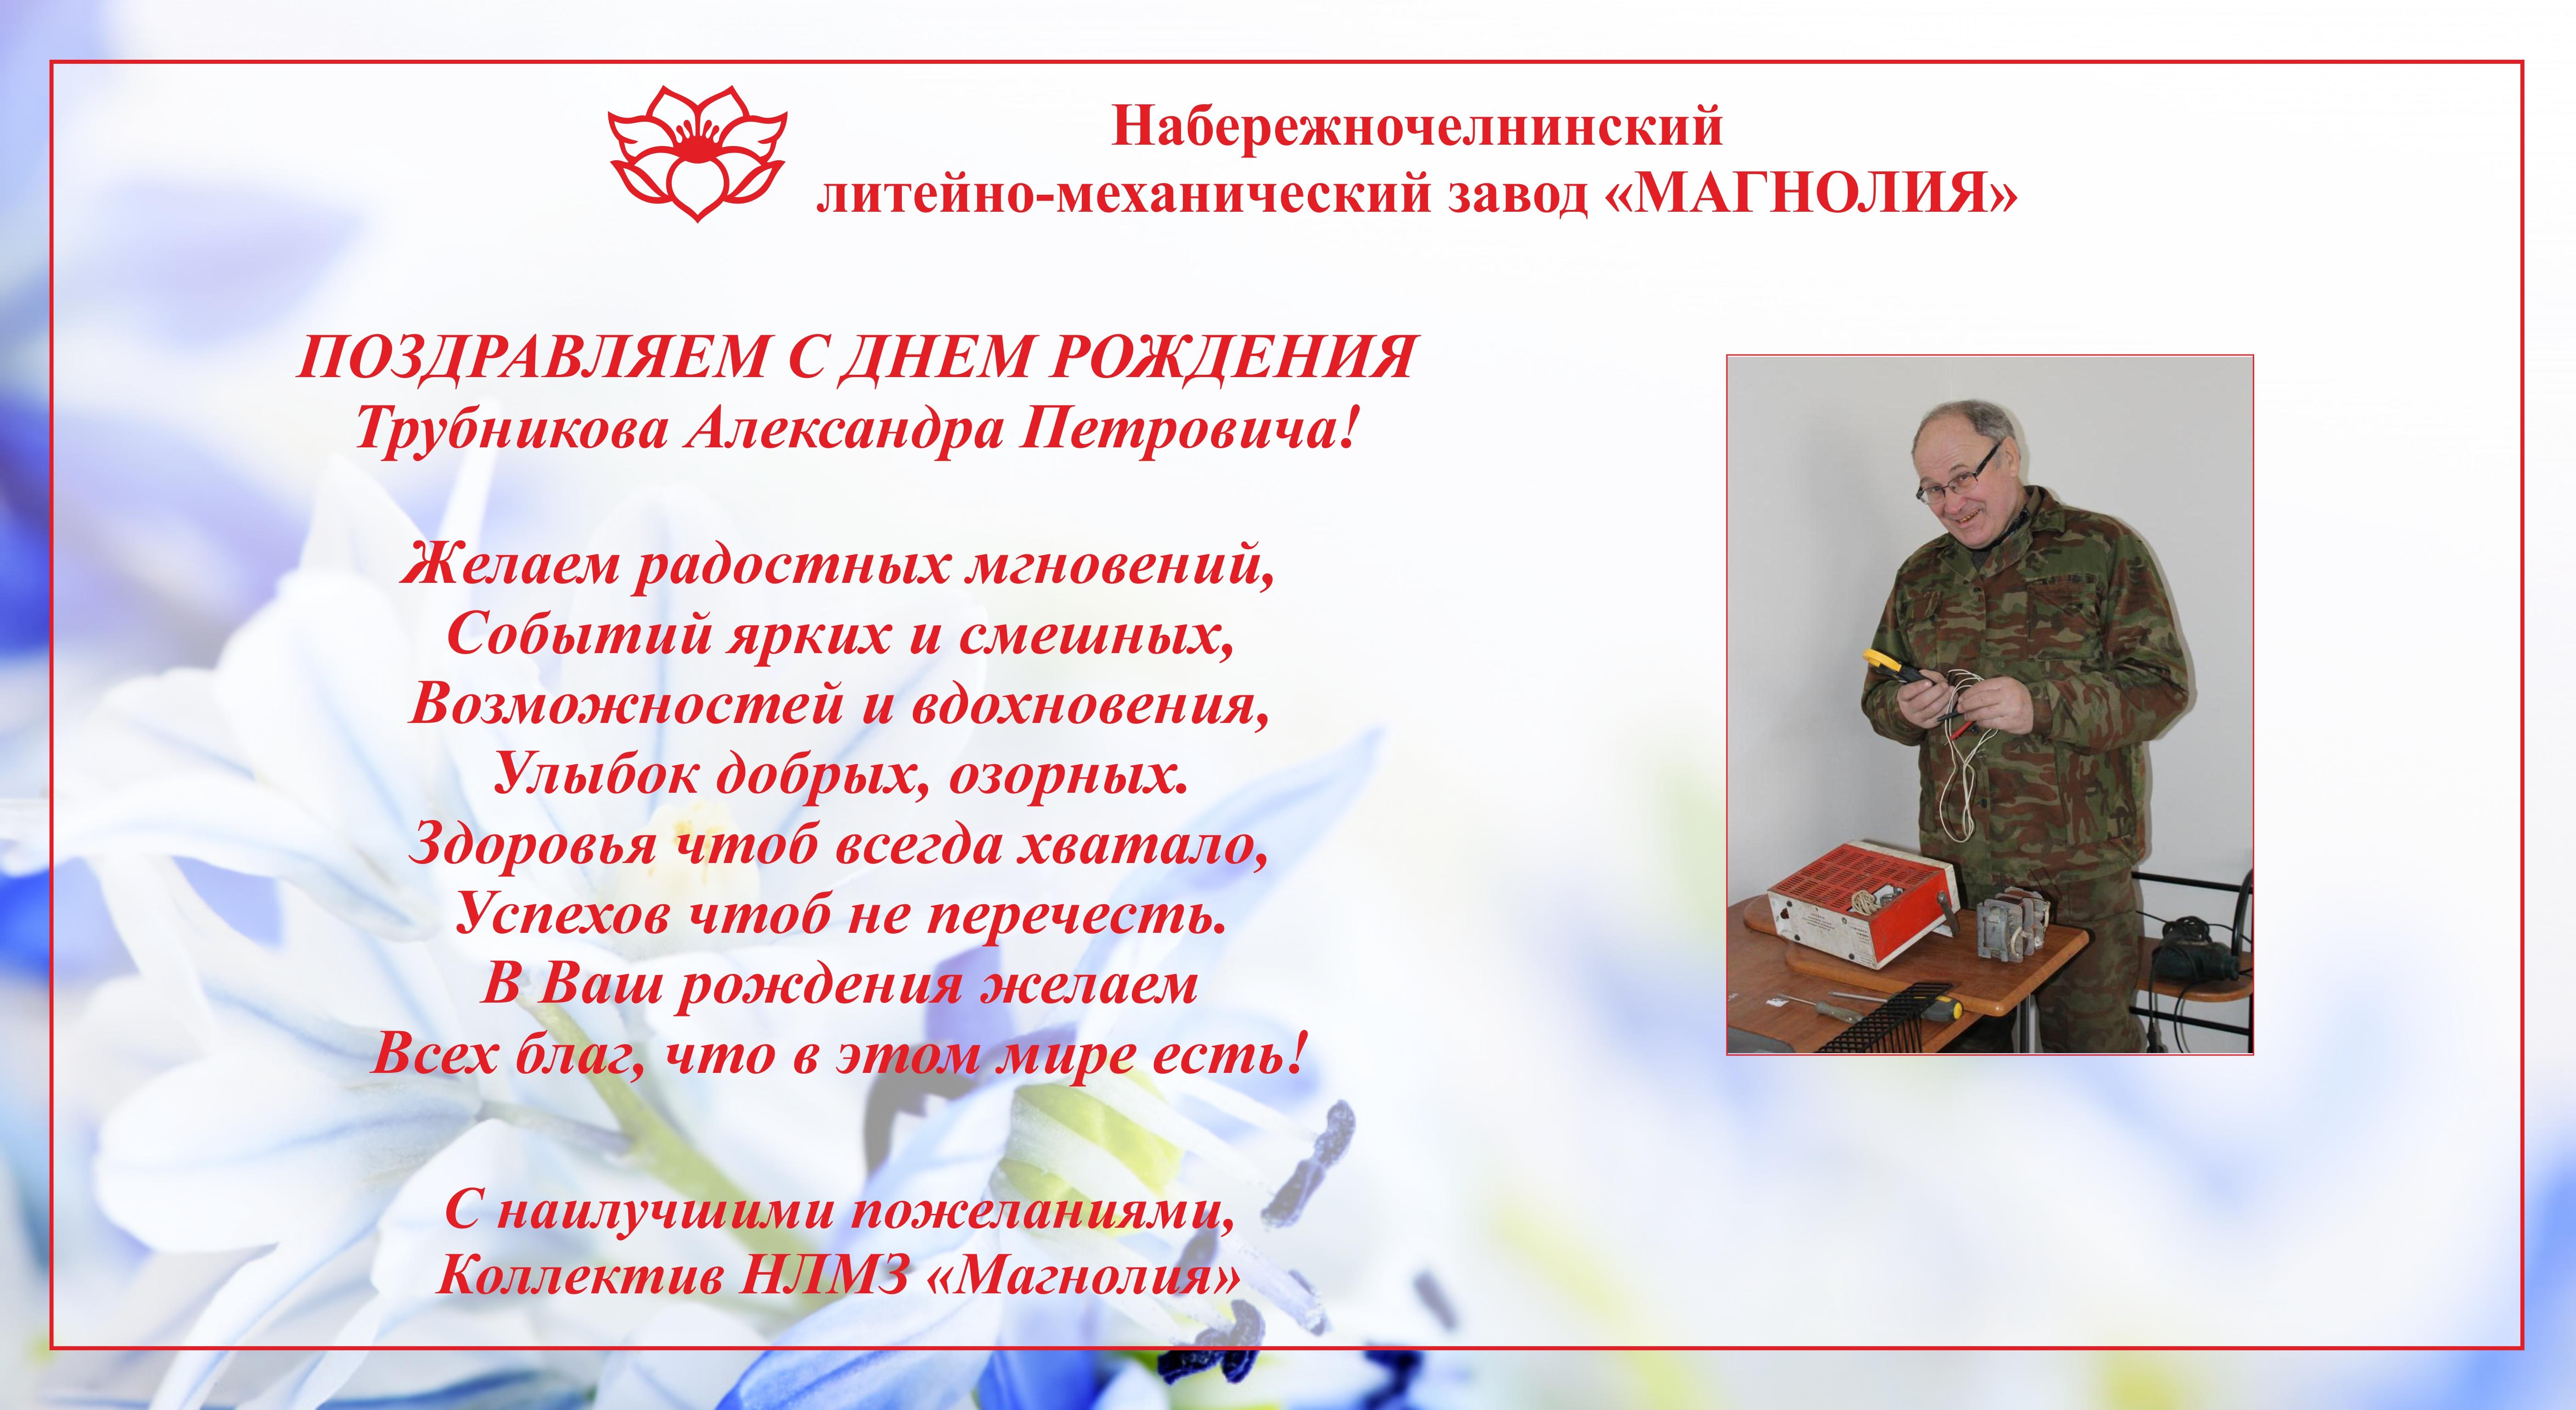 Картинки для поздравления с днем рождения сотрудников